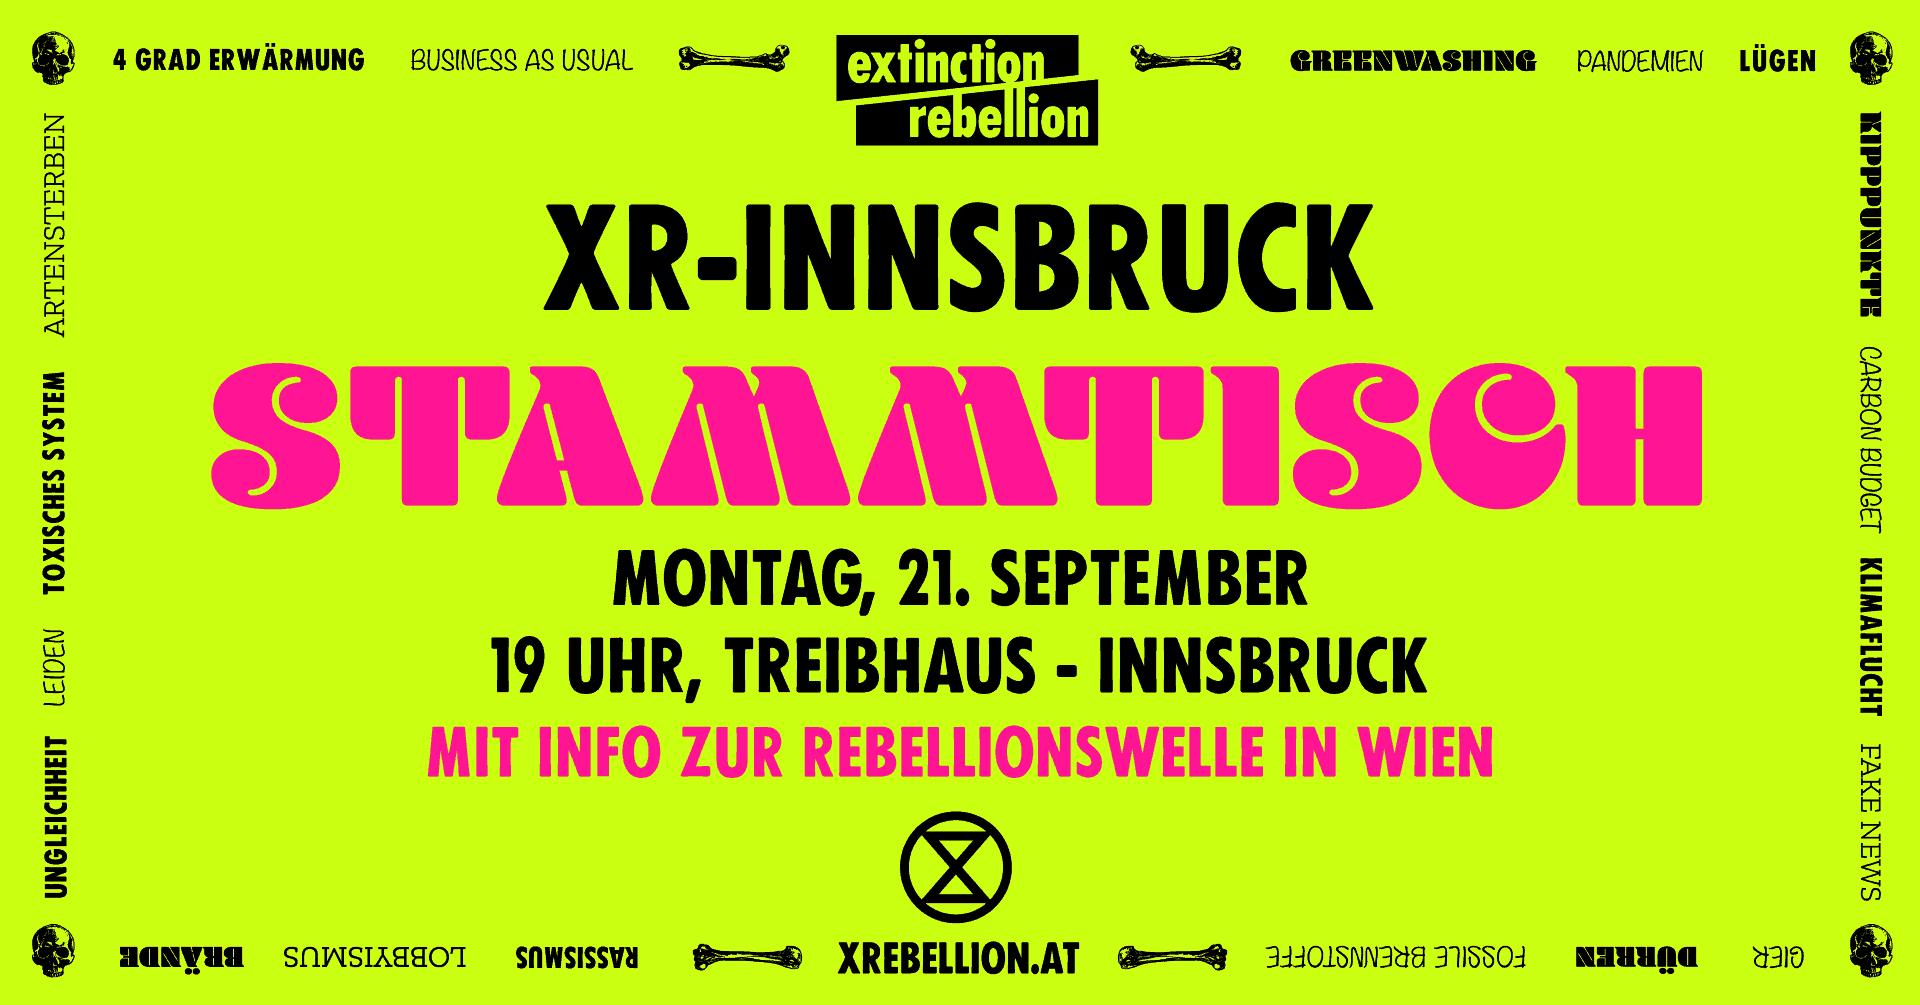 Stammtisch-XR-Innsbruck